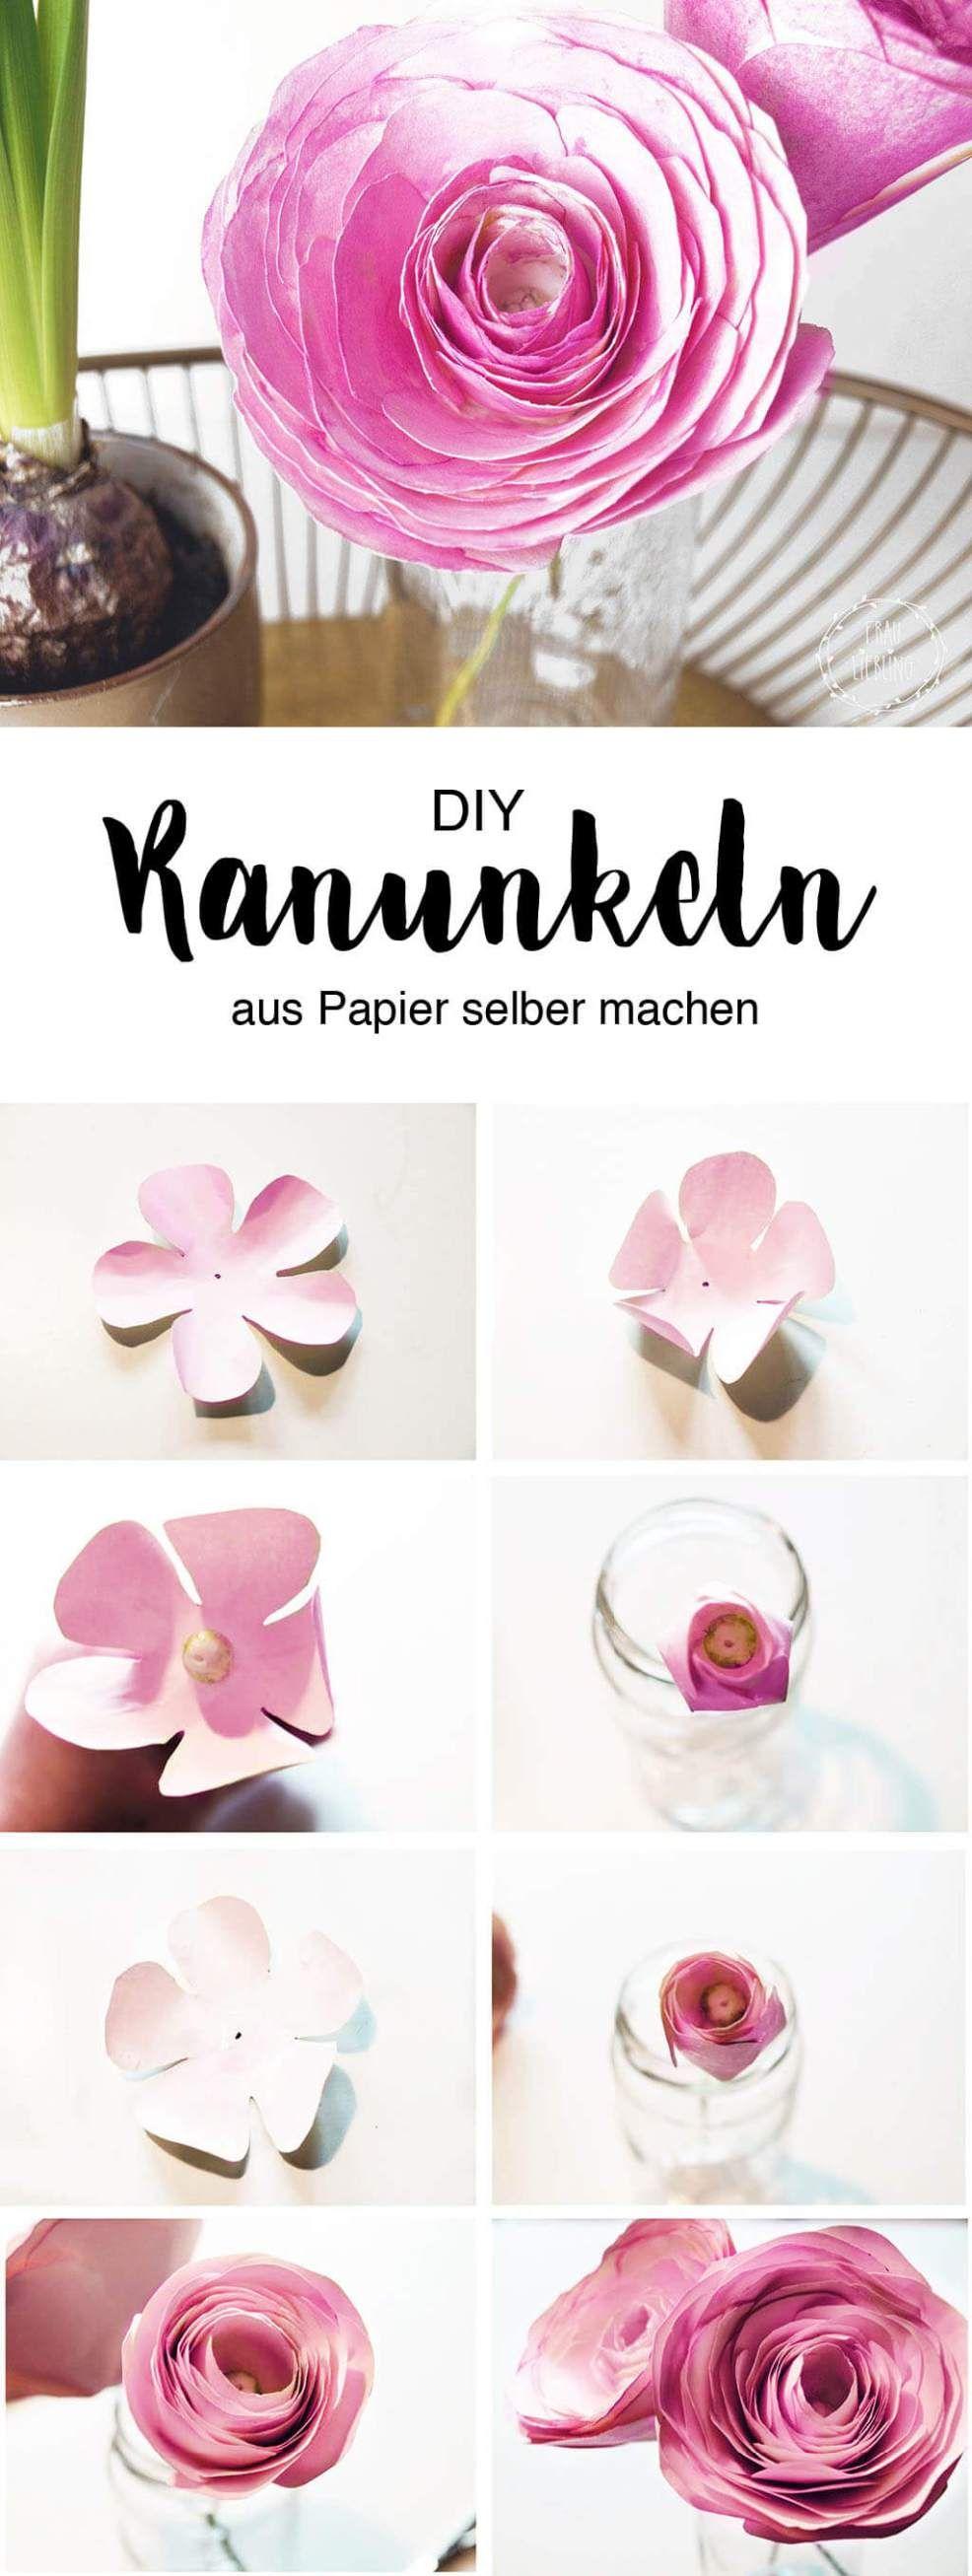 diy papierblumen: schöne ranunkeln ganz einfach selber machen